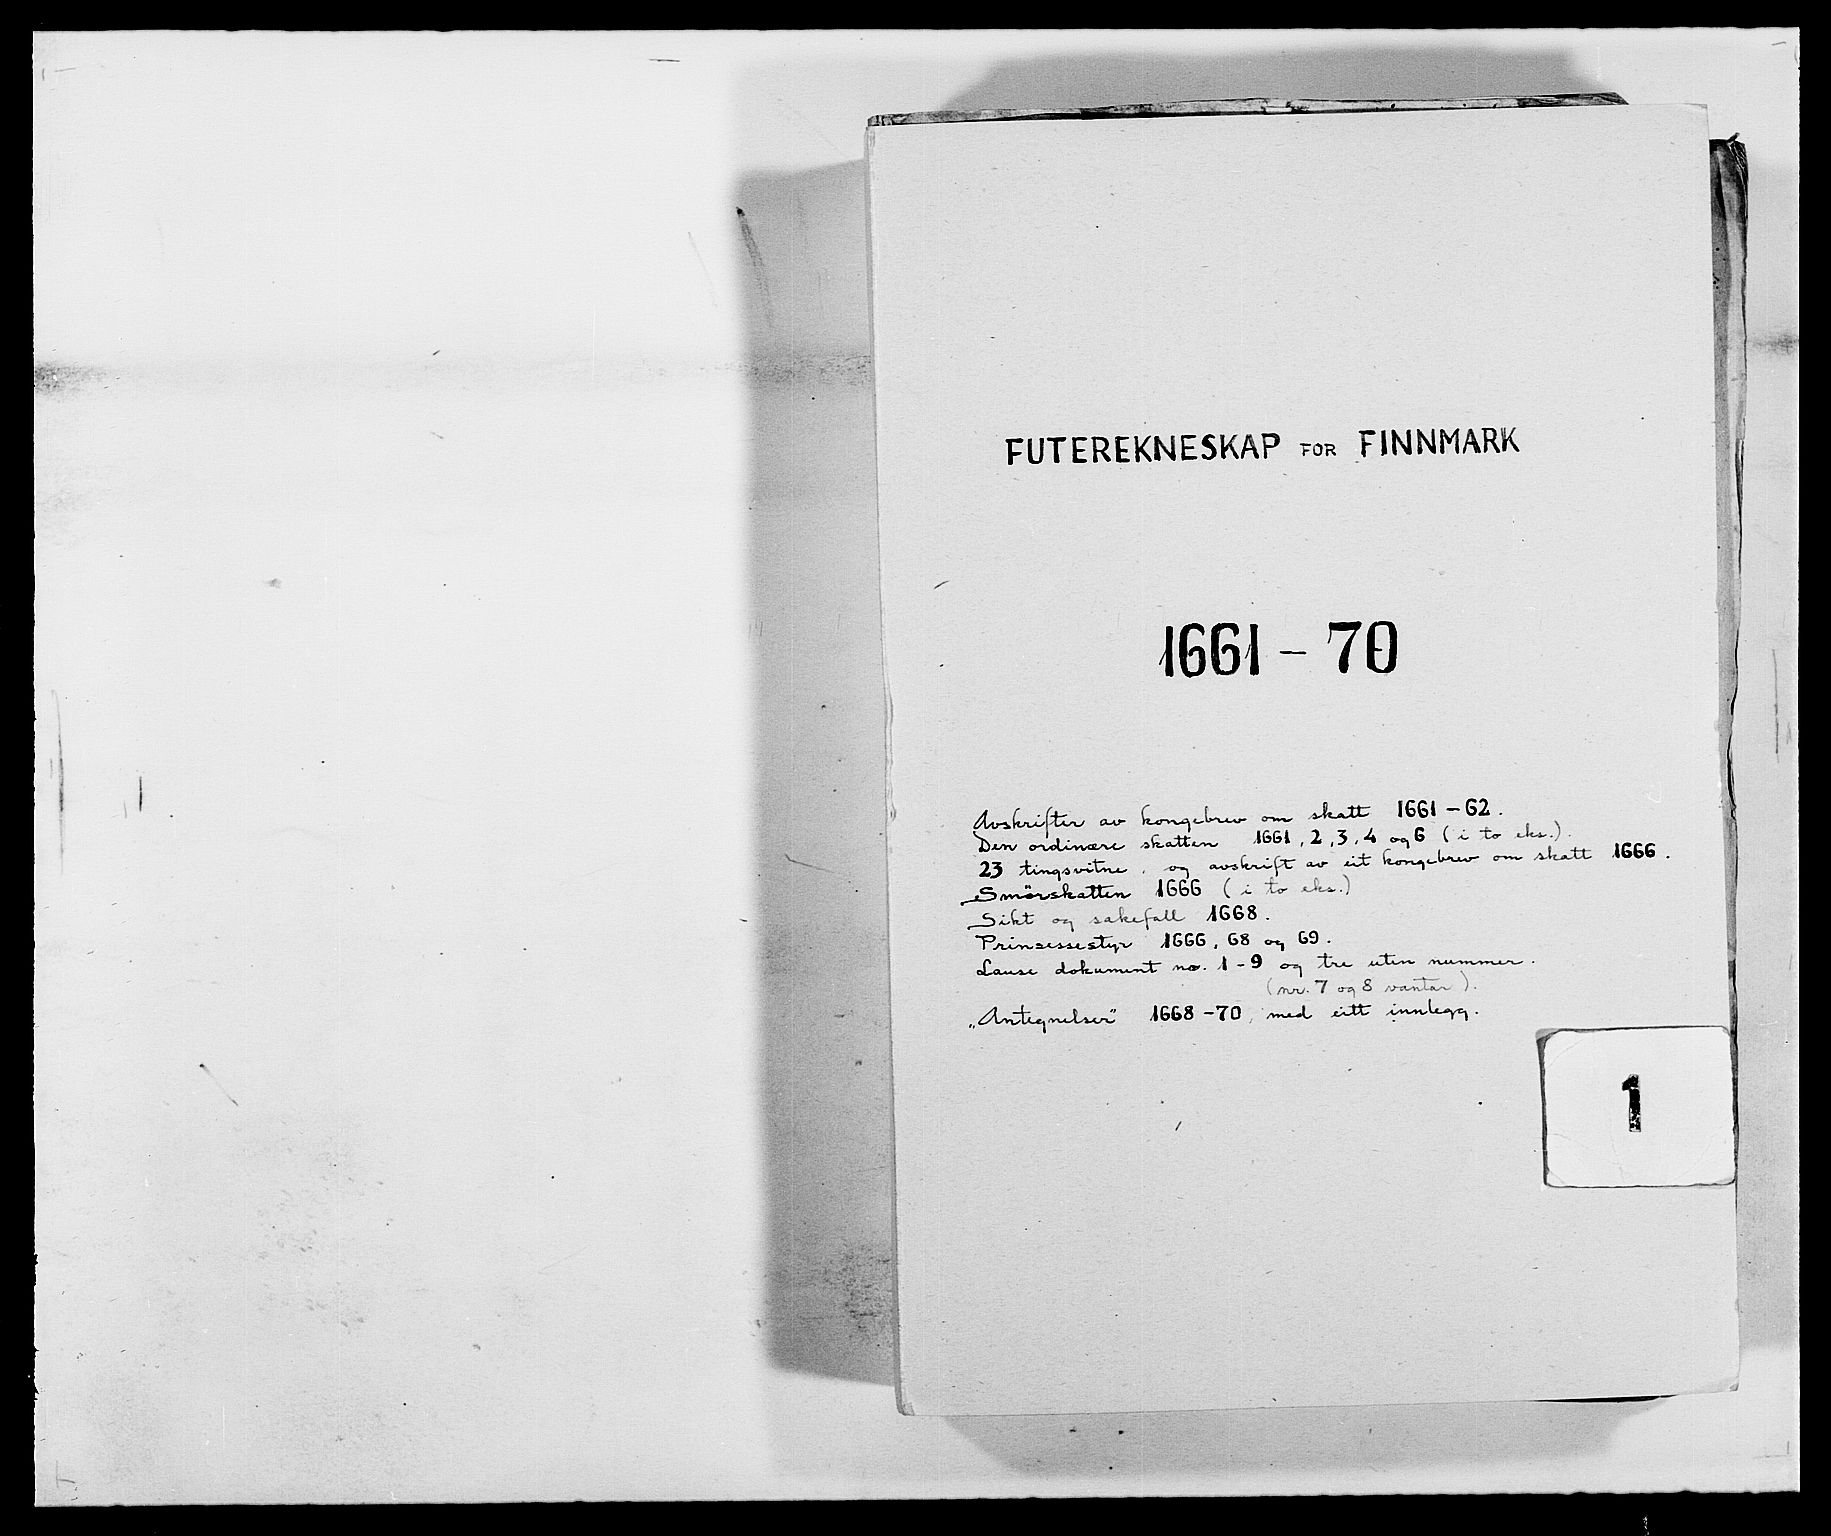 RA, Rentekammeret inntil 1814, Reviderte regnskaper, Fogderegnskap, R69/L4849: Fogderegnskap Finnmark/Vardøhus, 1661-1679, s. 1